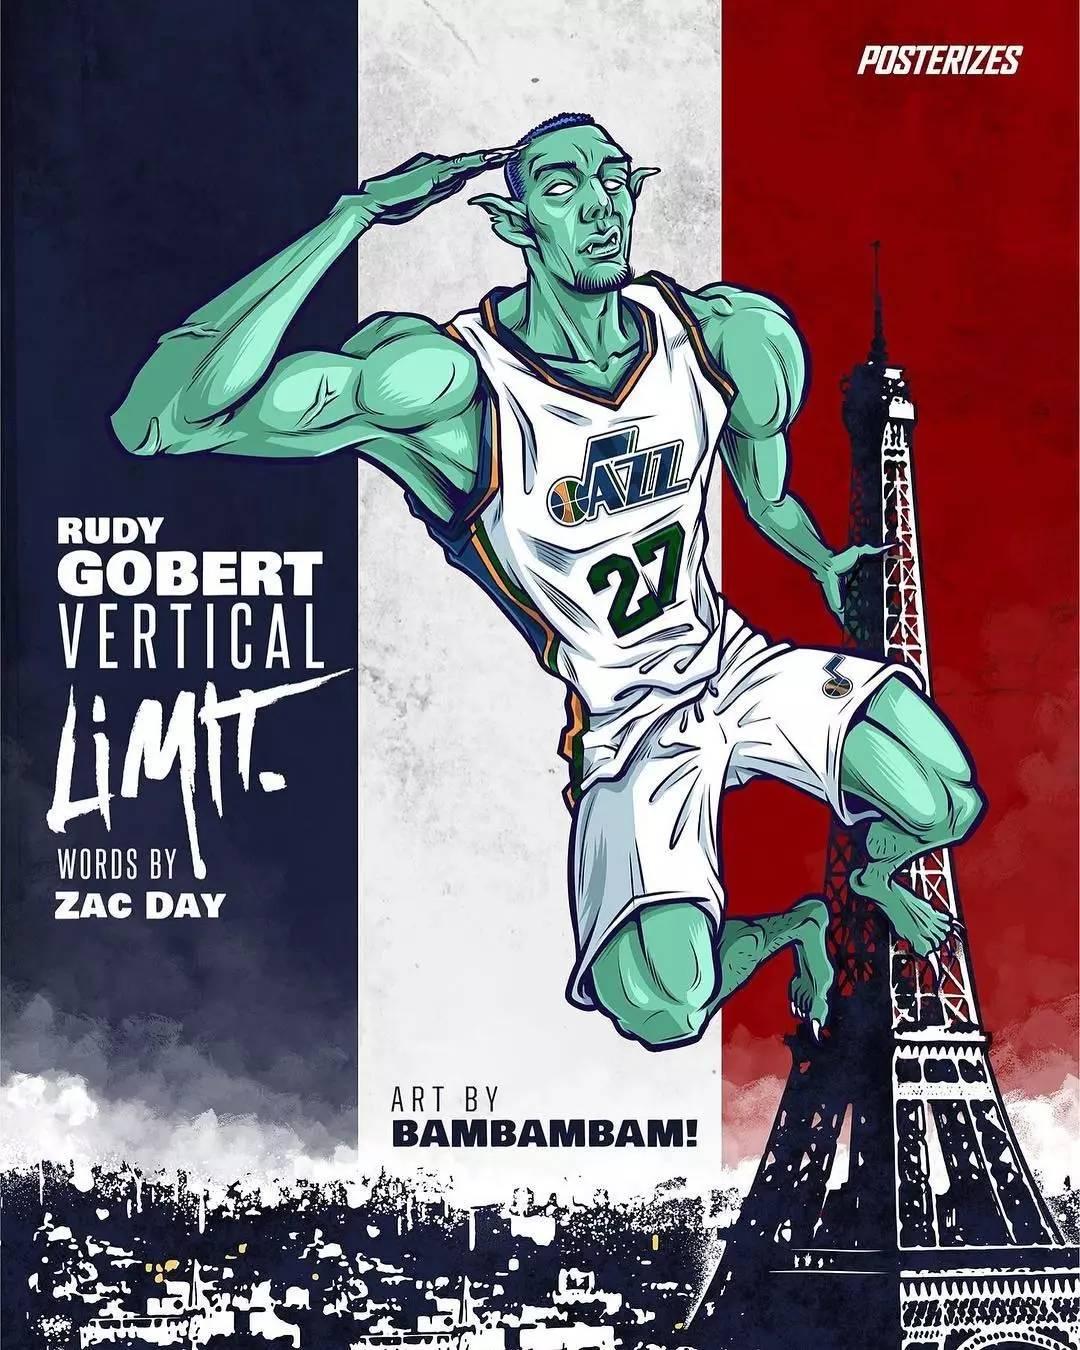 最酷壁纸_NBA球星插画,这么酷的图片我只想拿来做头像!_搜狐体育_搜狐网